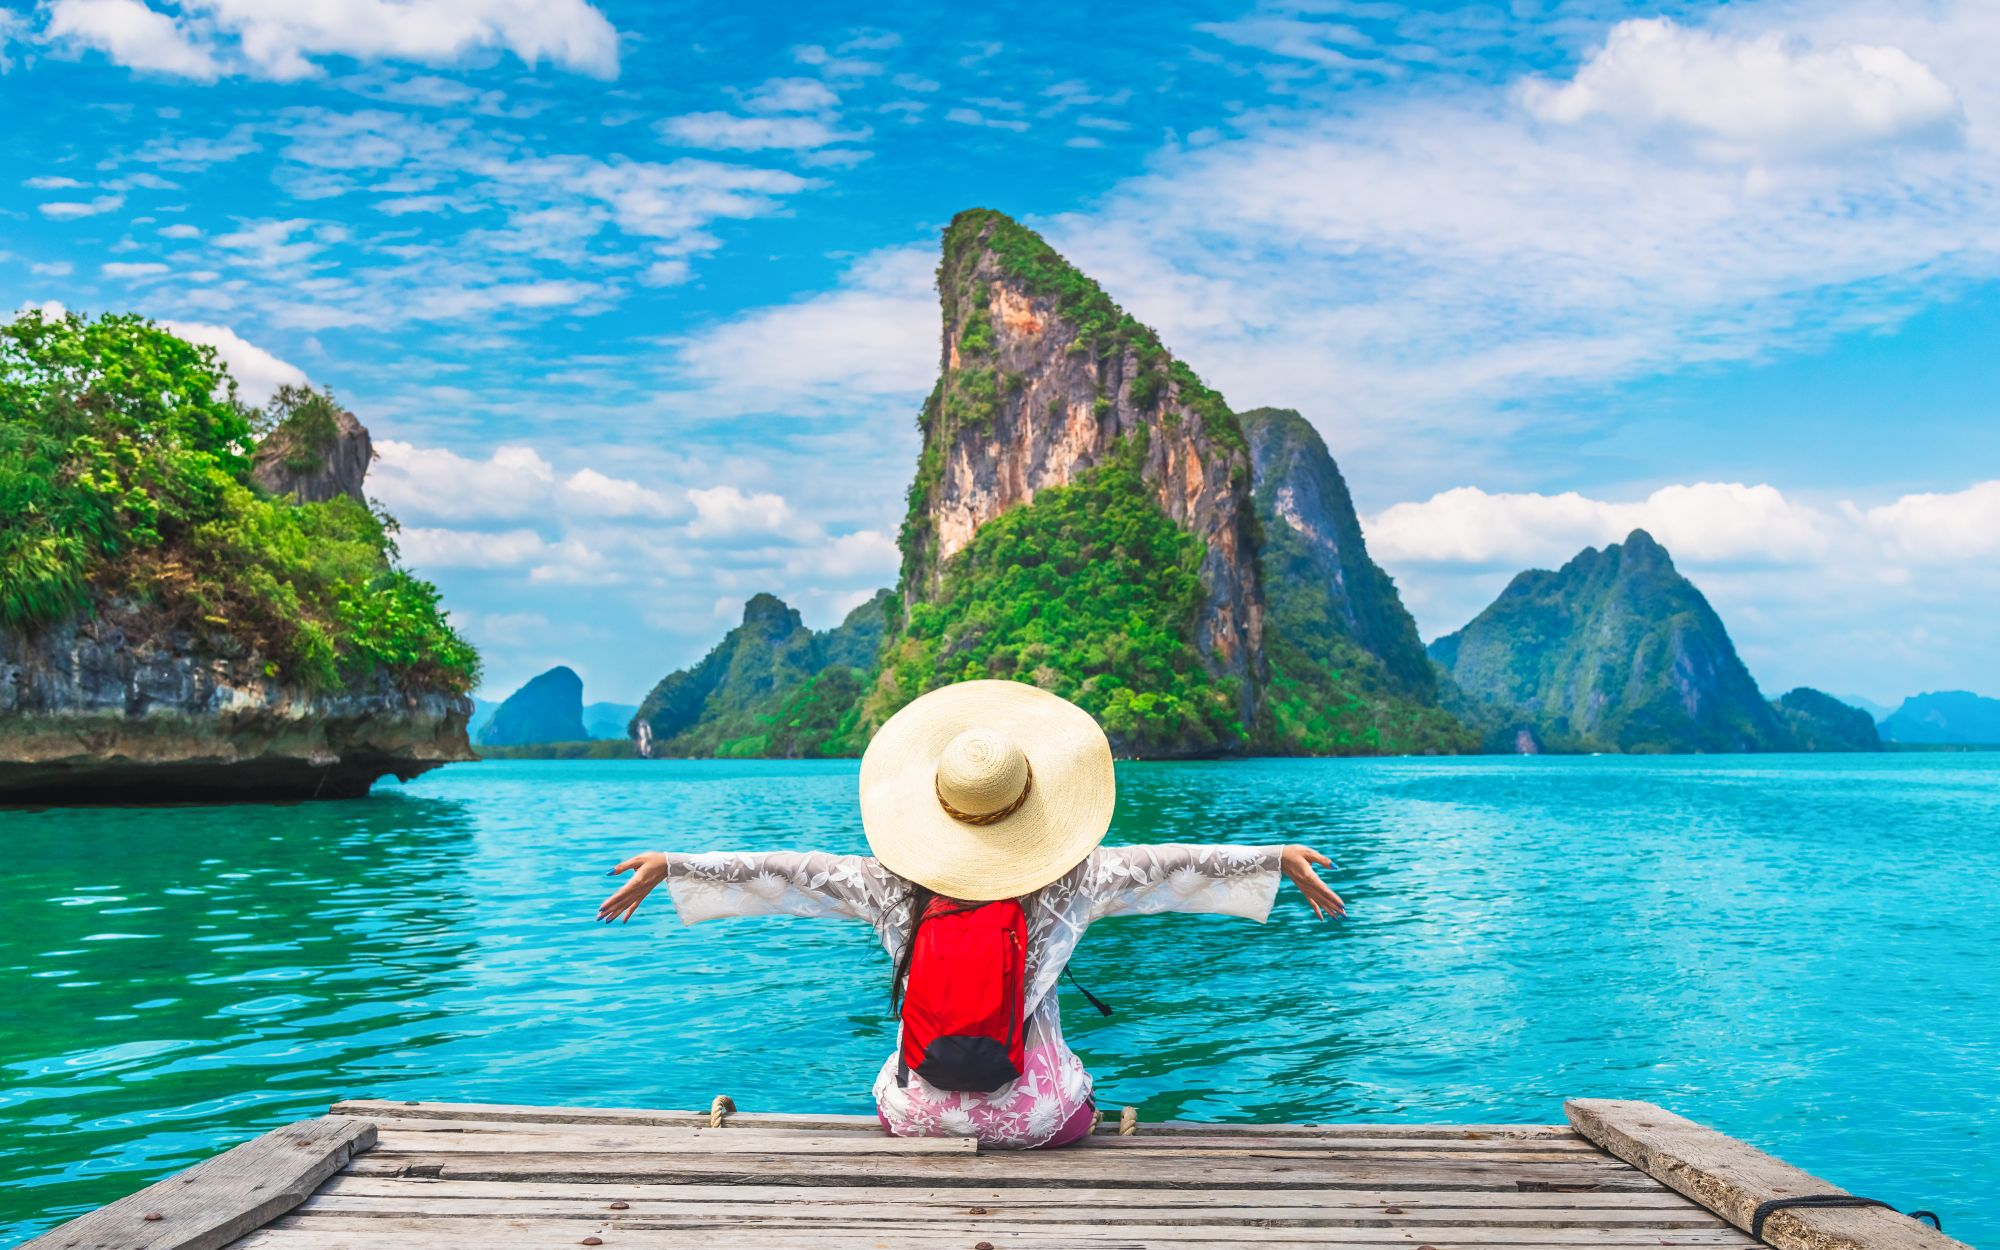 Tajlandia kobieta na molo